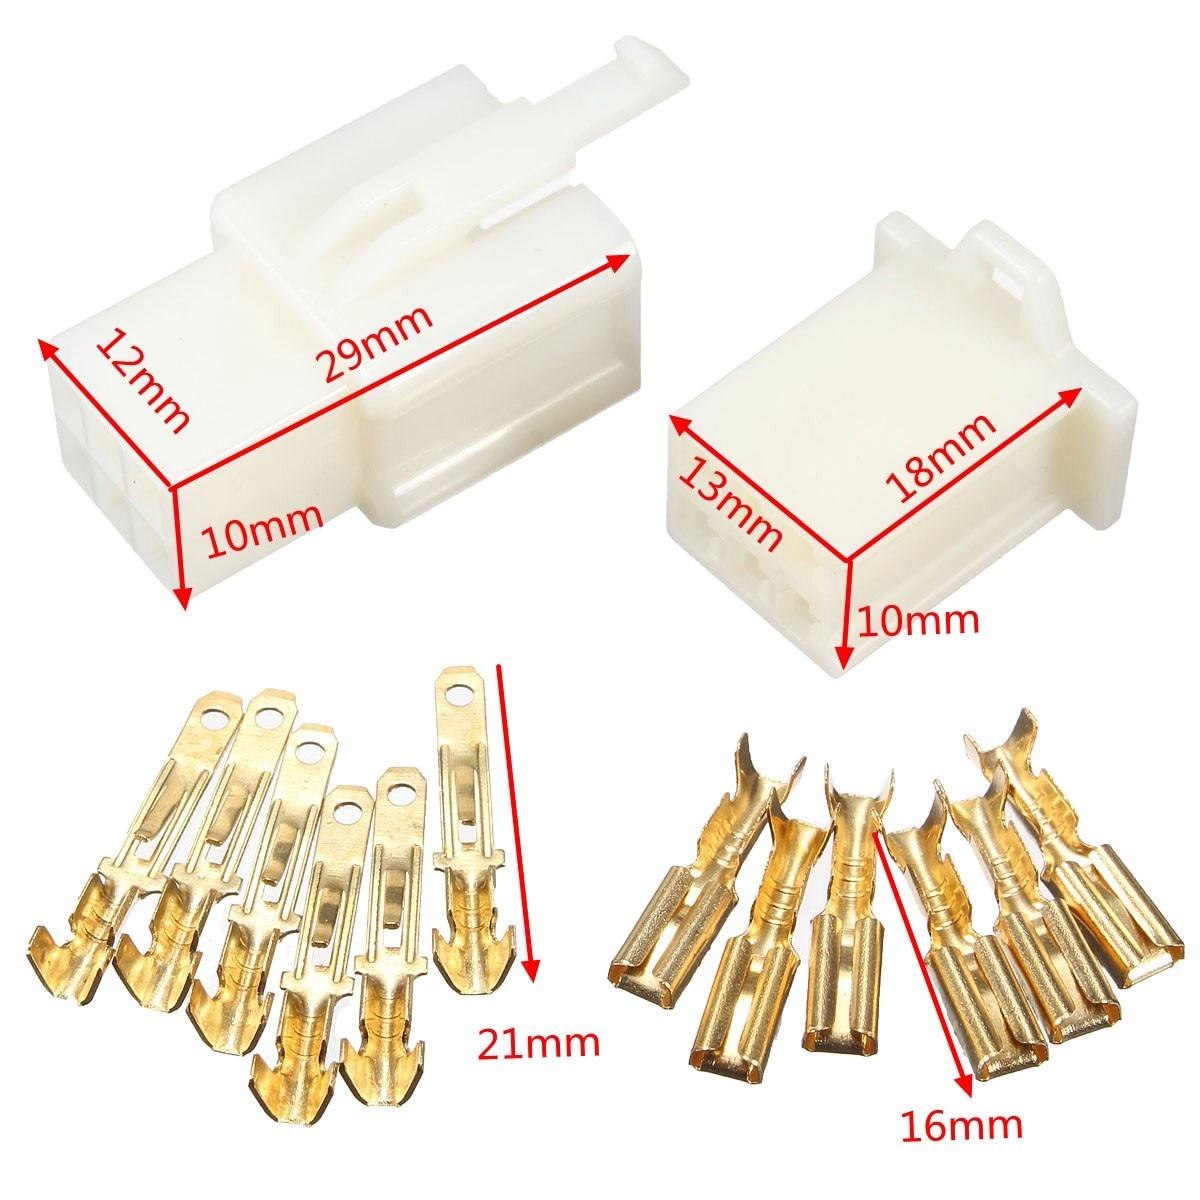 5x 3 Way 3P Pin 2.8mm Mini Connector Terminal Kit Kits For Honda Motorcycle Boat